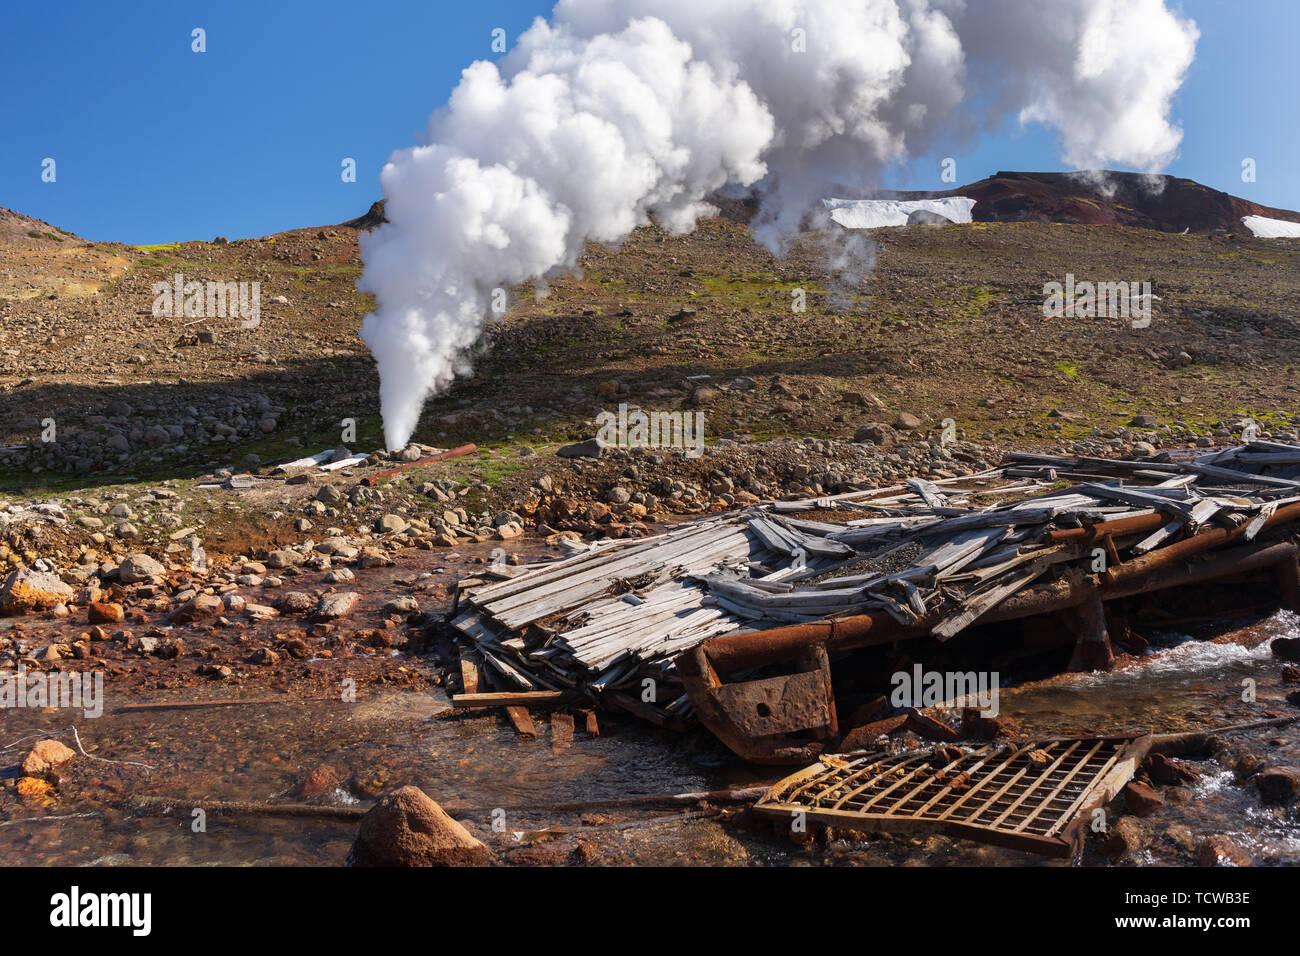 L'émission de l'eau minérale naturelle l'eau thermale, bain à vapeur (vapeur-eau) à partir de la commission géologique et dans la zone de dépôt, géothermique centrale géothermique Photo Stock